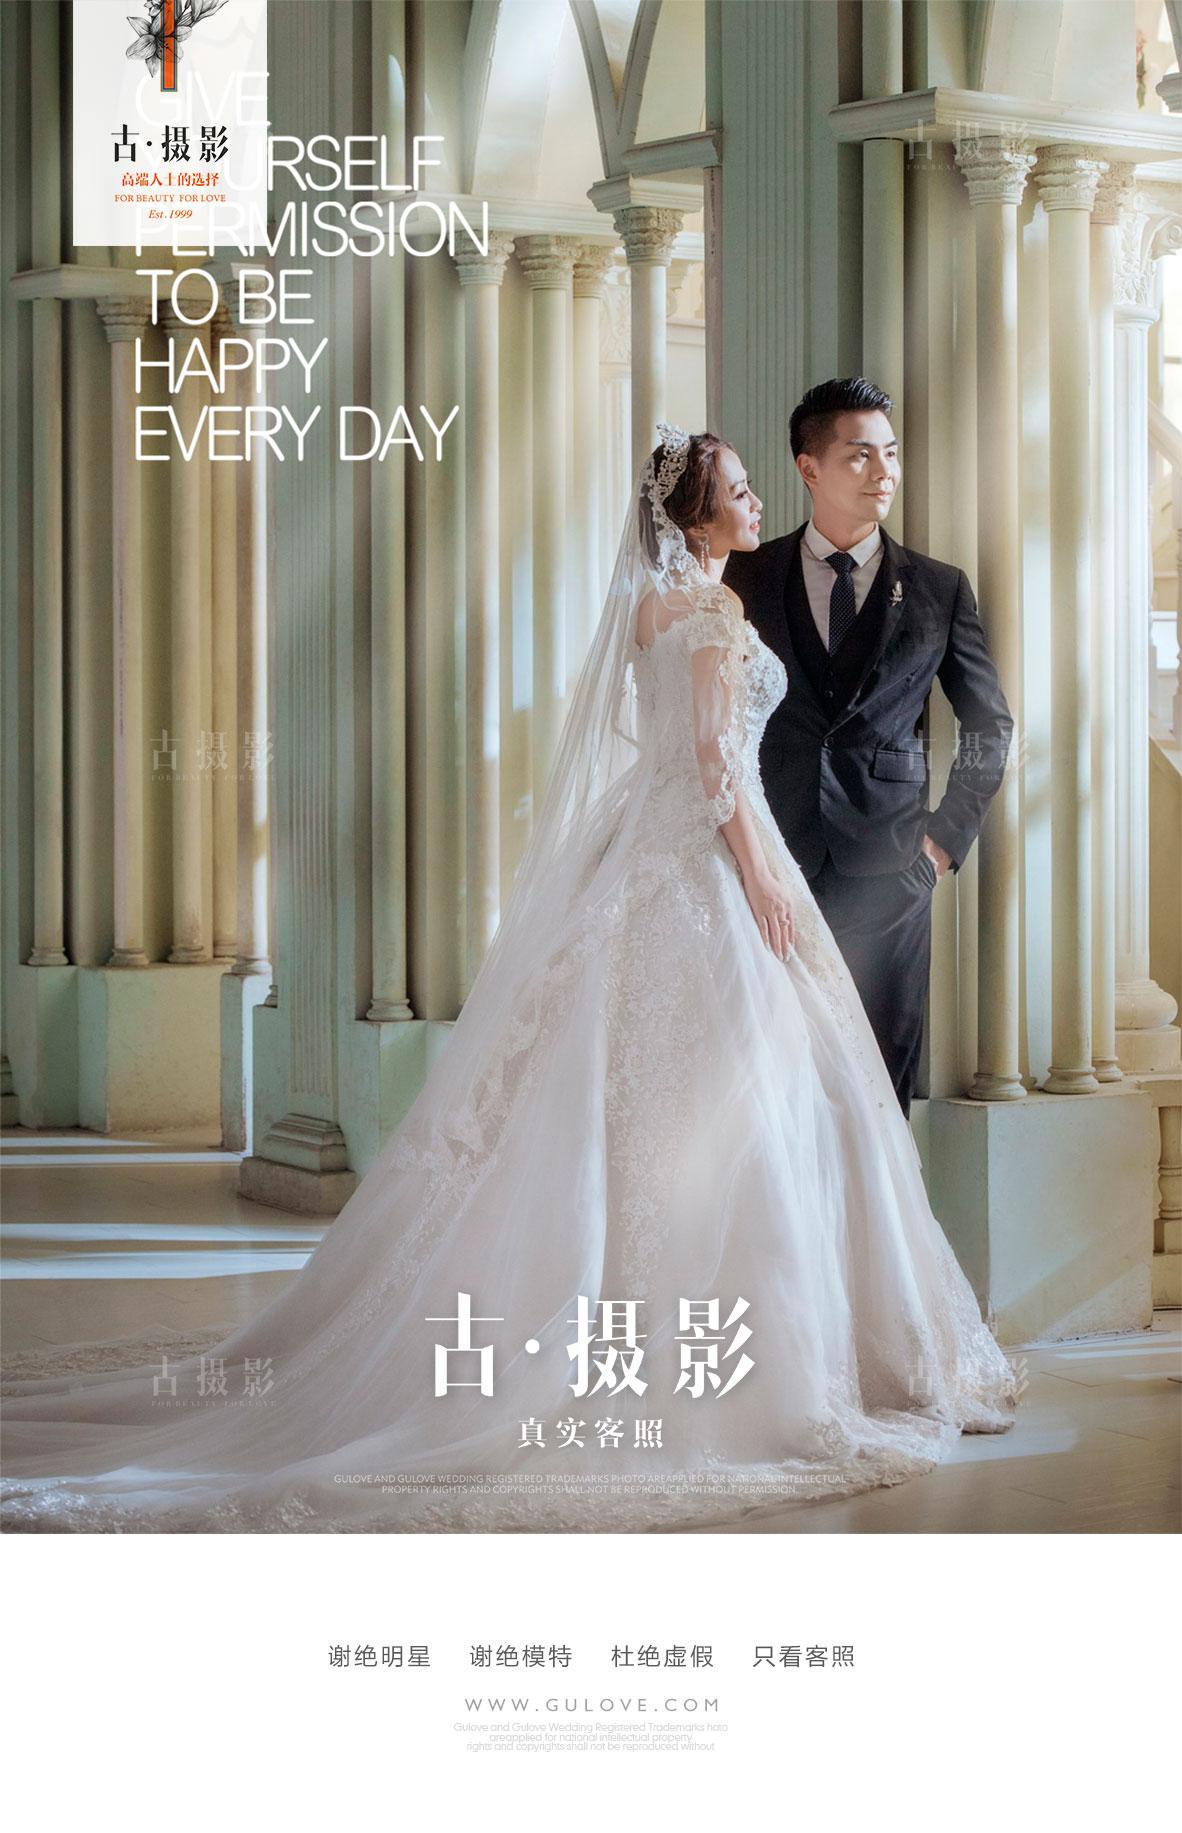 4月客照第二季 - 月度客照 - 古摄影婚纱艺术-古摄影成都婚纱摄影艺术摄影网